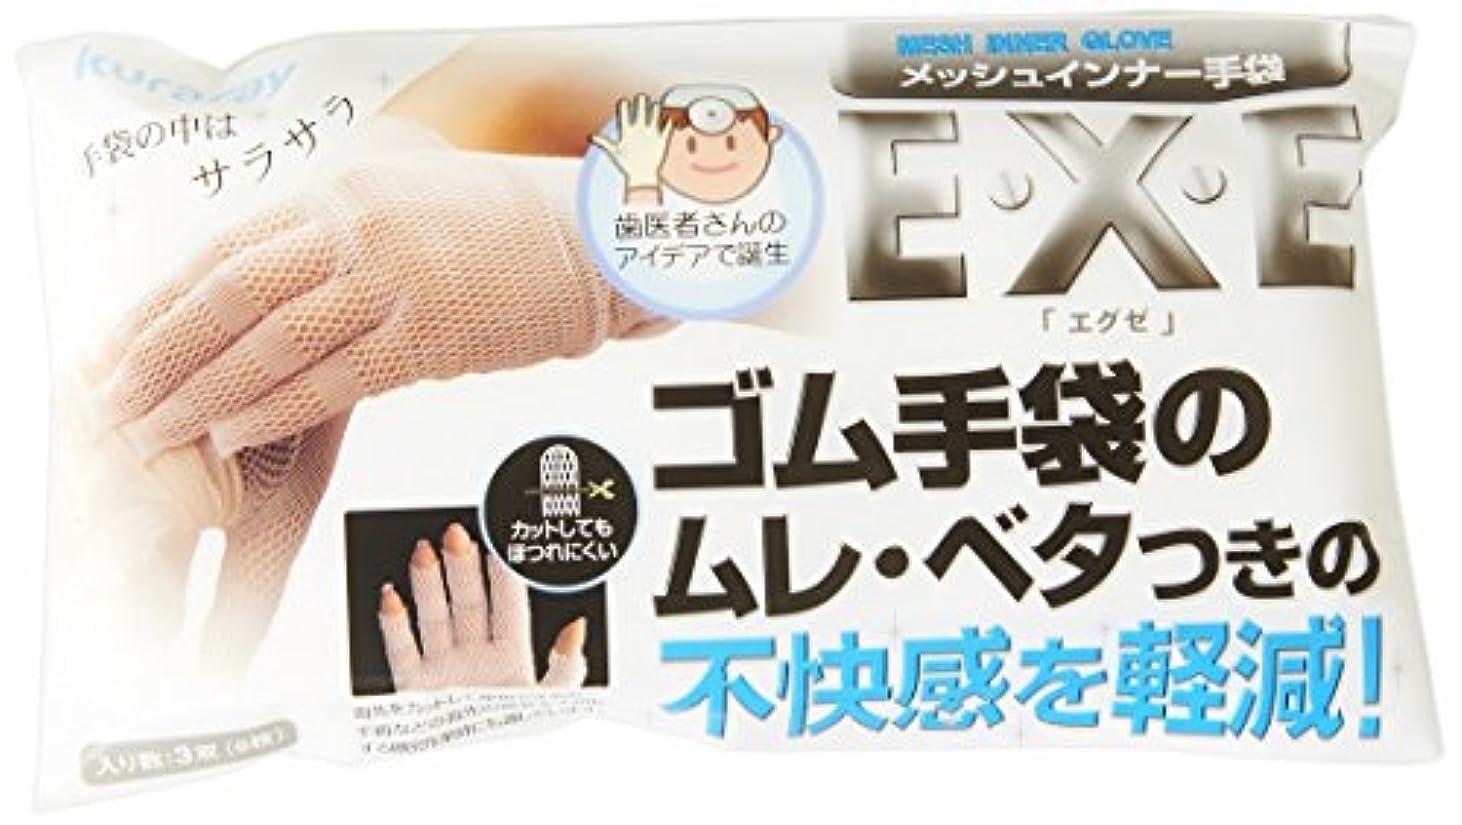 束ねる毎週バイオレットクラレ メッシュインナー手袋 E?X?E フリーサイズ 3双(6枚)入